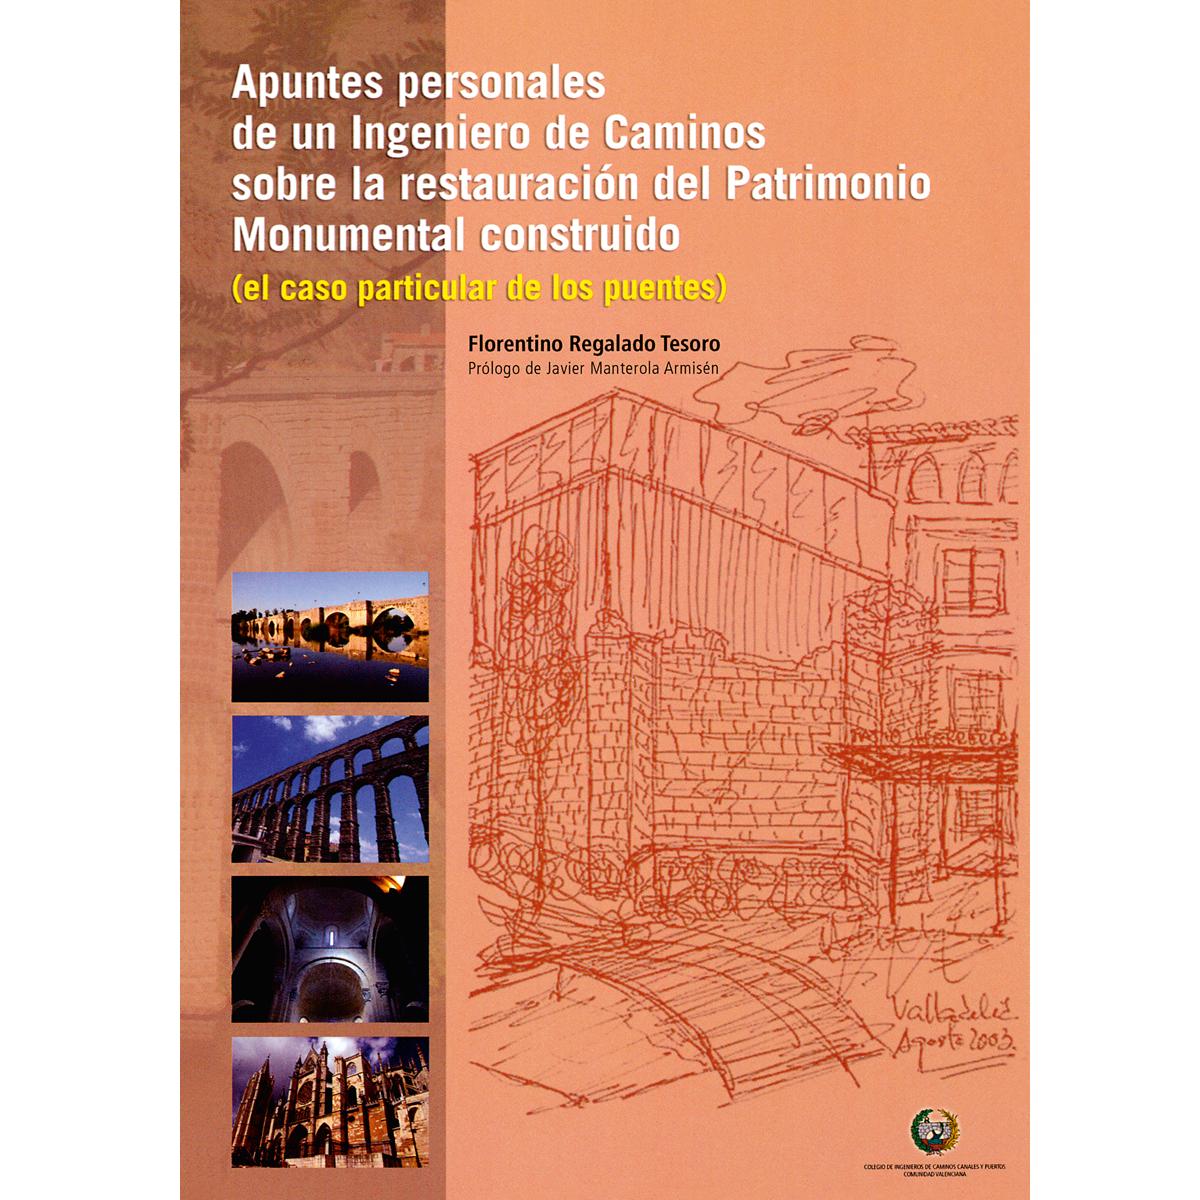 Apuntes personales de un Ingeniero de Caminos sobre la restauración del Patrimonio Monumental construido